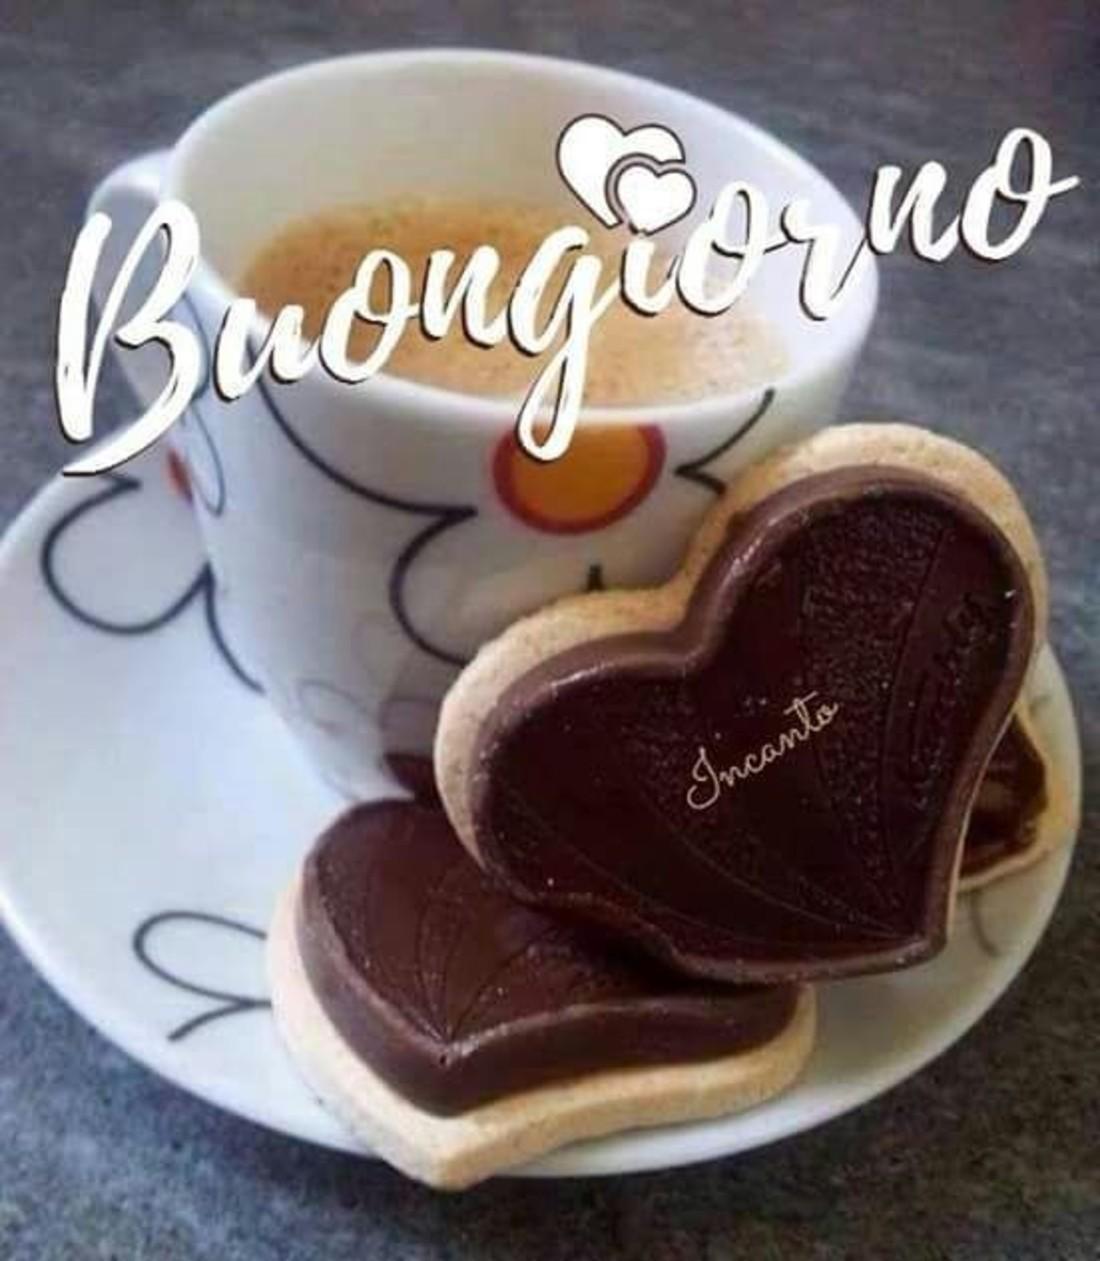 Immagini Buongiorno Caffè Gratis 7 Buongiornocolsorrisoit